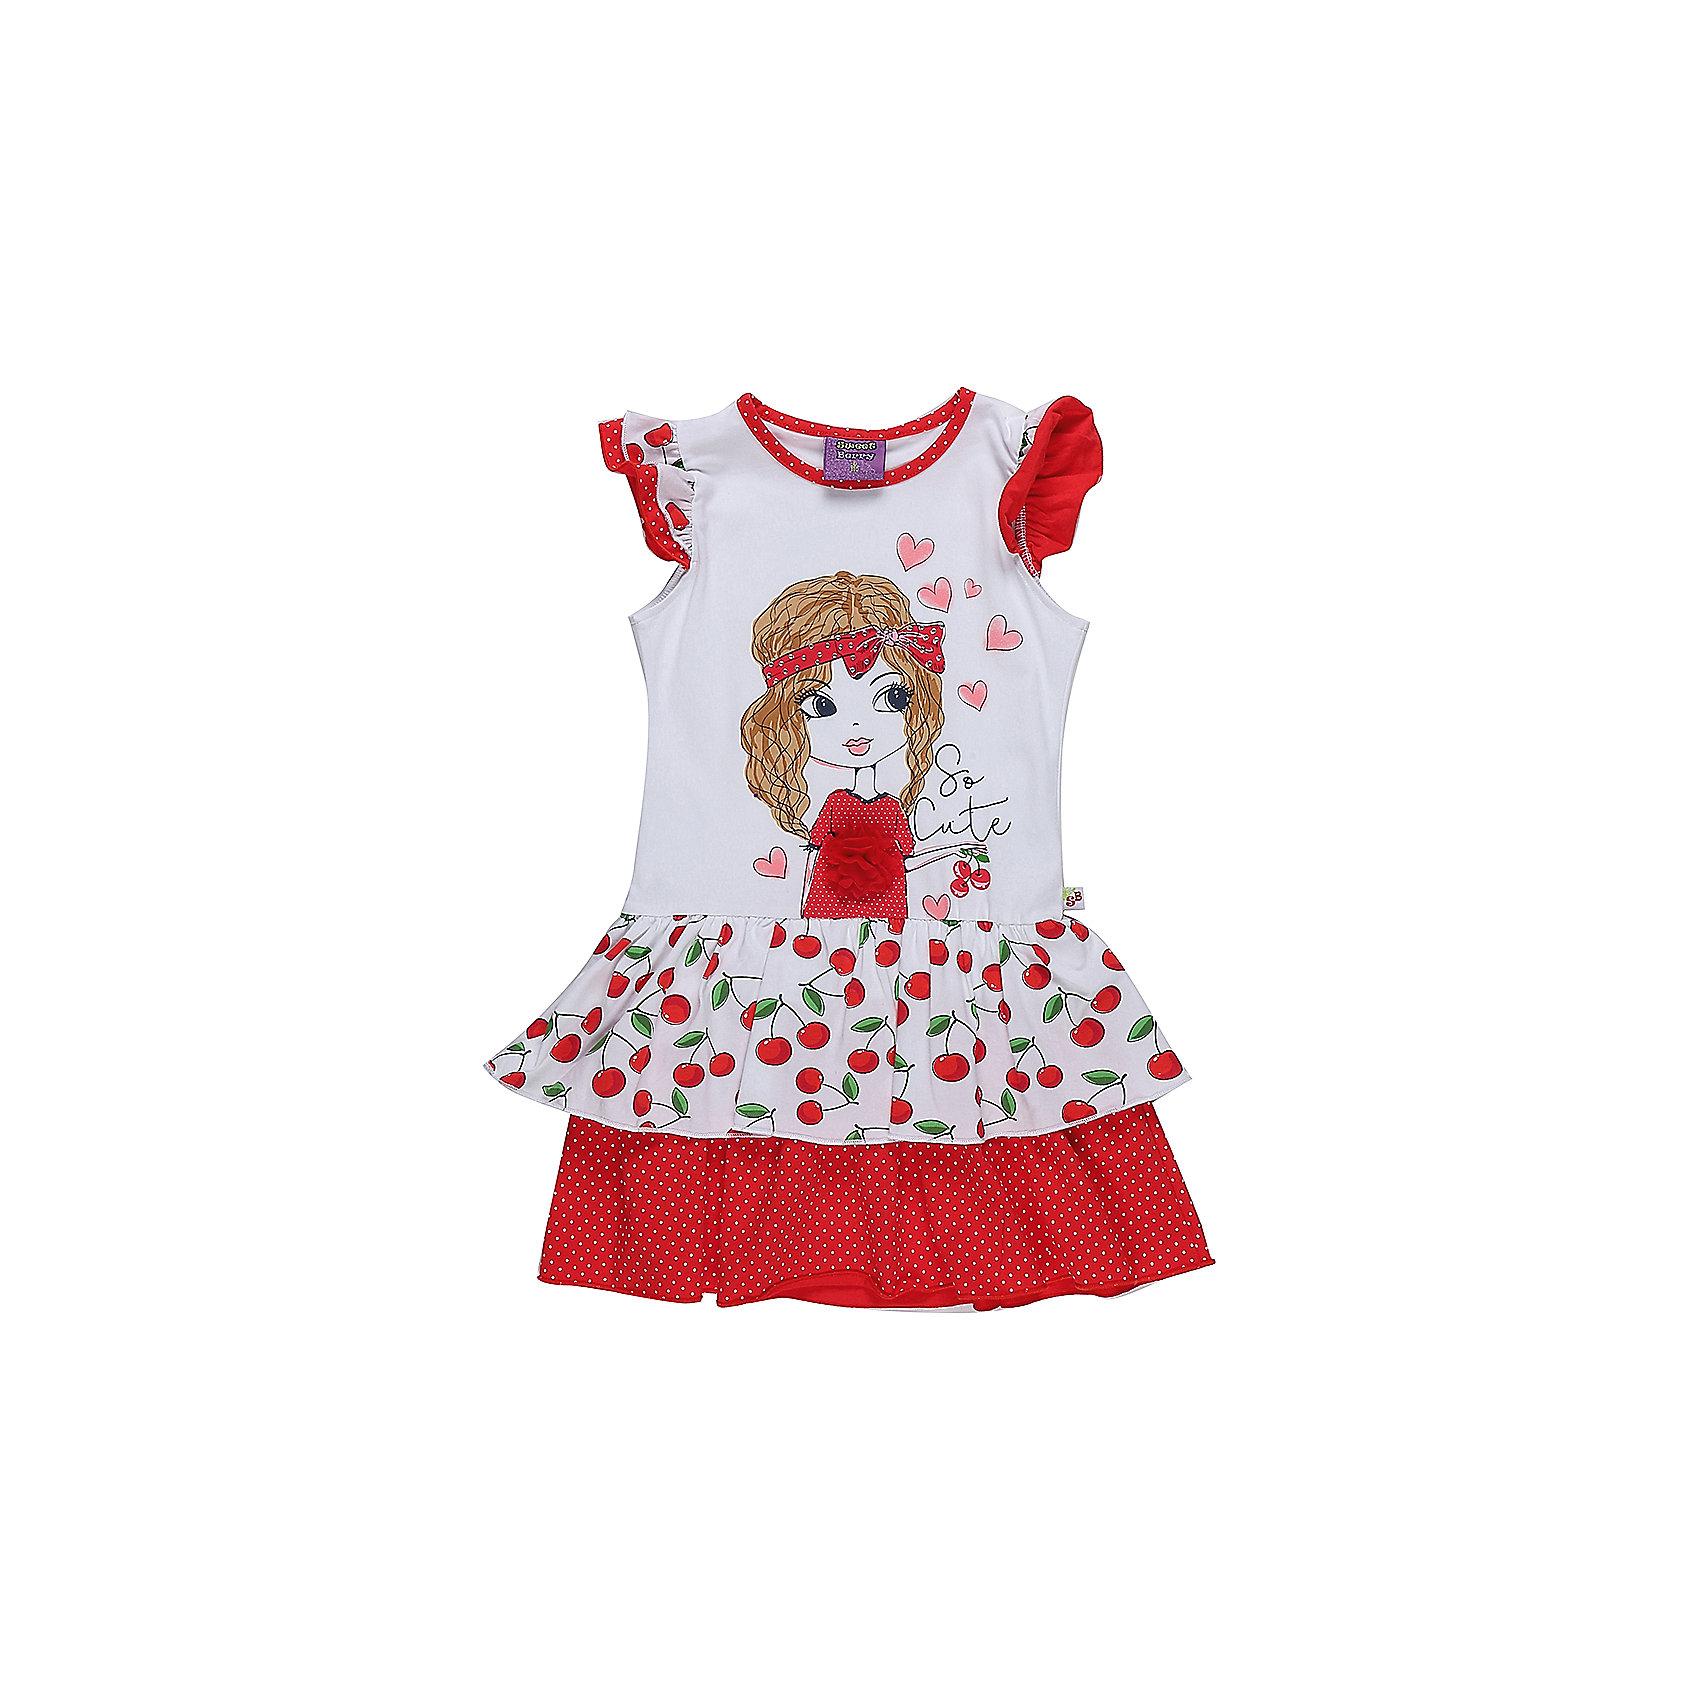 Платье для девочки Sweet BerryПлатья и сарафаны<br>Яркое трикотажное платье из принтованной ткани с аппликацией. Низ изделия декорирован контрастными воланами. Рукава крылышки.<br>Состав:<br>95%хлопок 5%эластан<br><br>Ширина мм: 236<br>Глубина мм: 16<br>Высота мм: 184<br>Вес г: 177<br>Цвет: разноцветный<br>Возраст от месяцев: 36<br>Возраст до месяцев: 48<br>Пол: Женский<br>Возраст: Детский<br>Размер: 104,98,110,116,122,128<br>SKU: 5409907